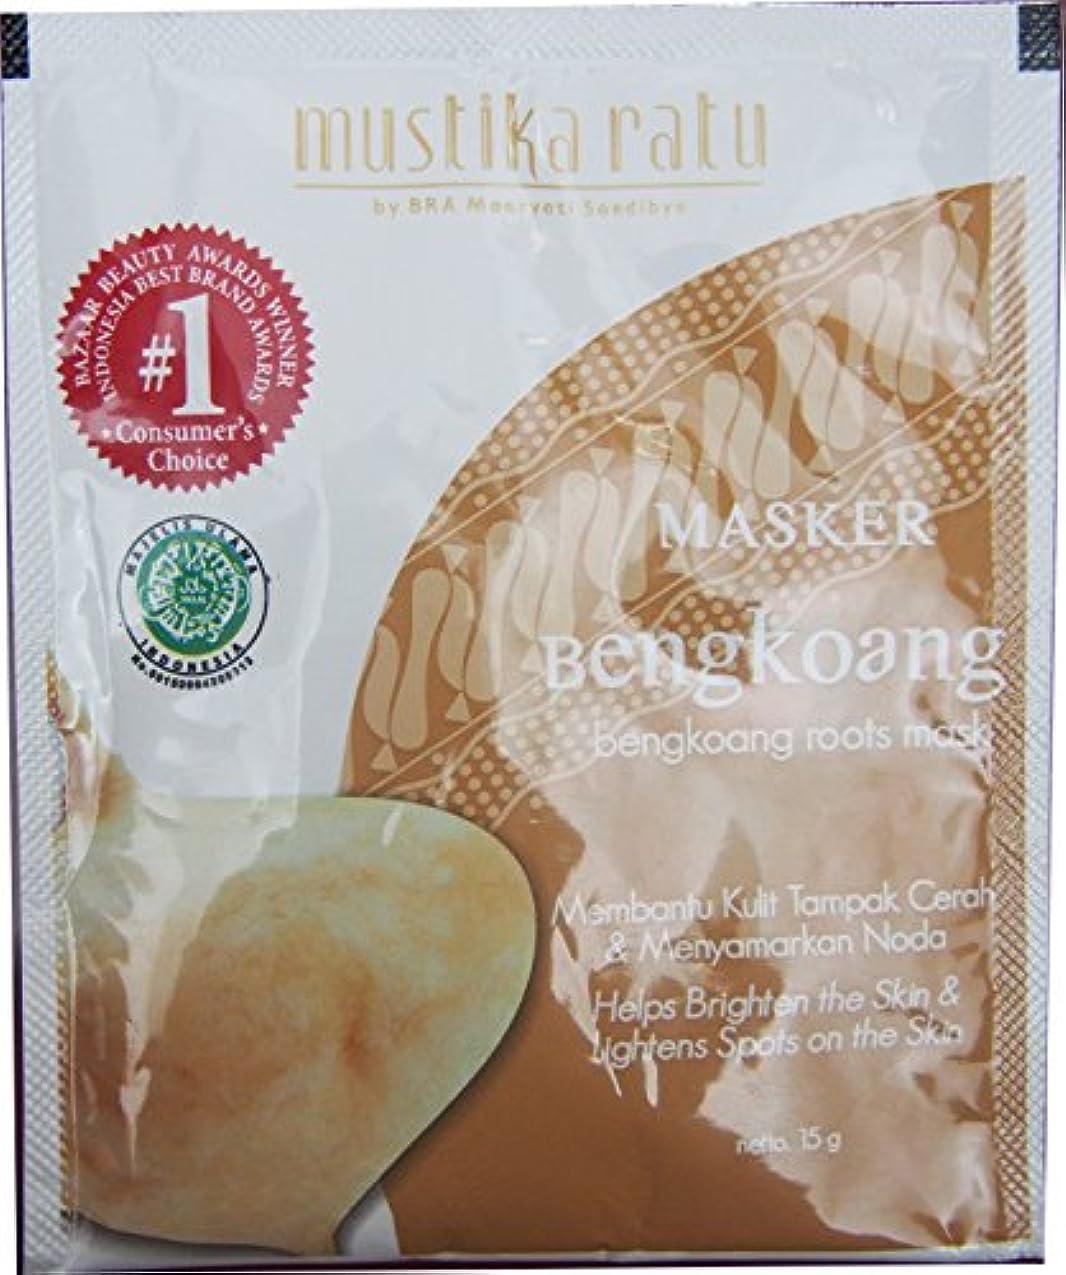 一致嘆願大人Masker Bengkoang bengkoangのルーツは/マスク - スキンを明るく支援します&スキン上のスポットを明るくし - 10パック